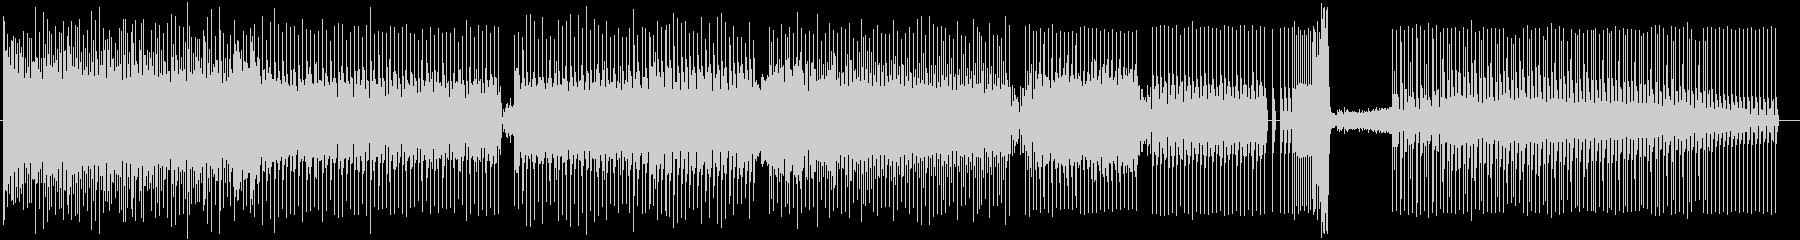 エレクトリックピアノ42の2つのパ...の未再生の波形